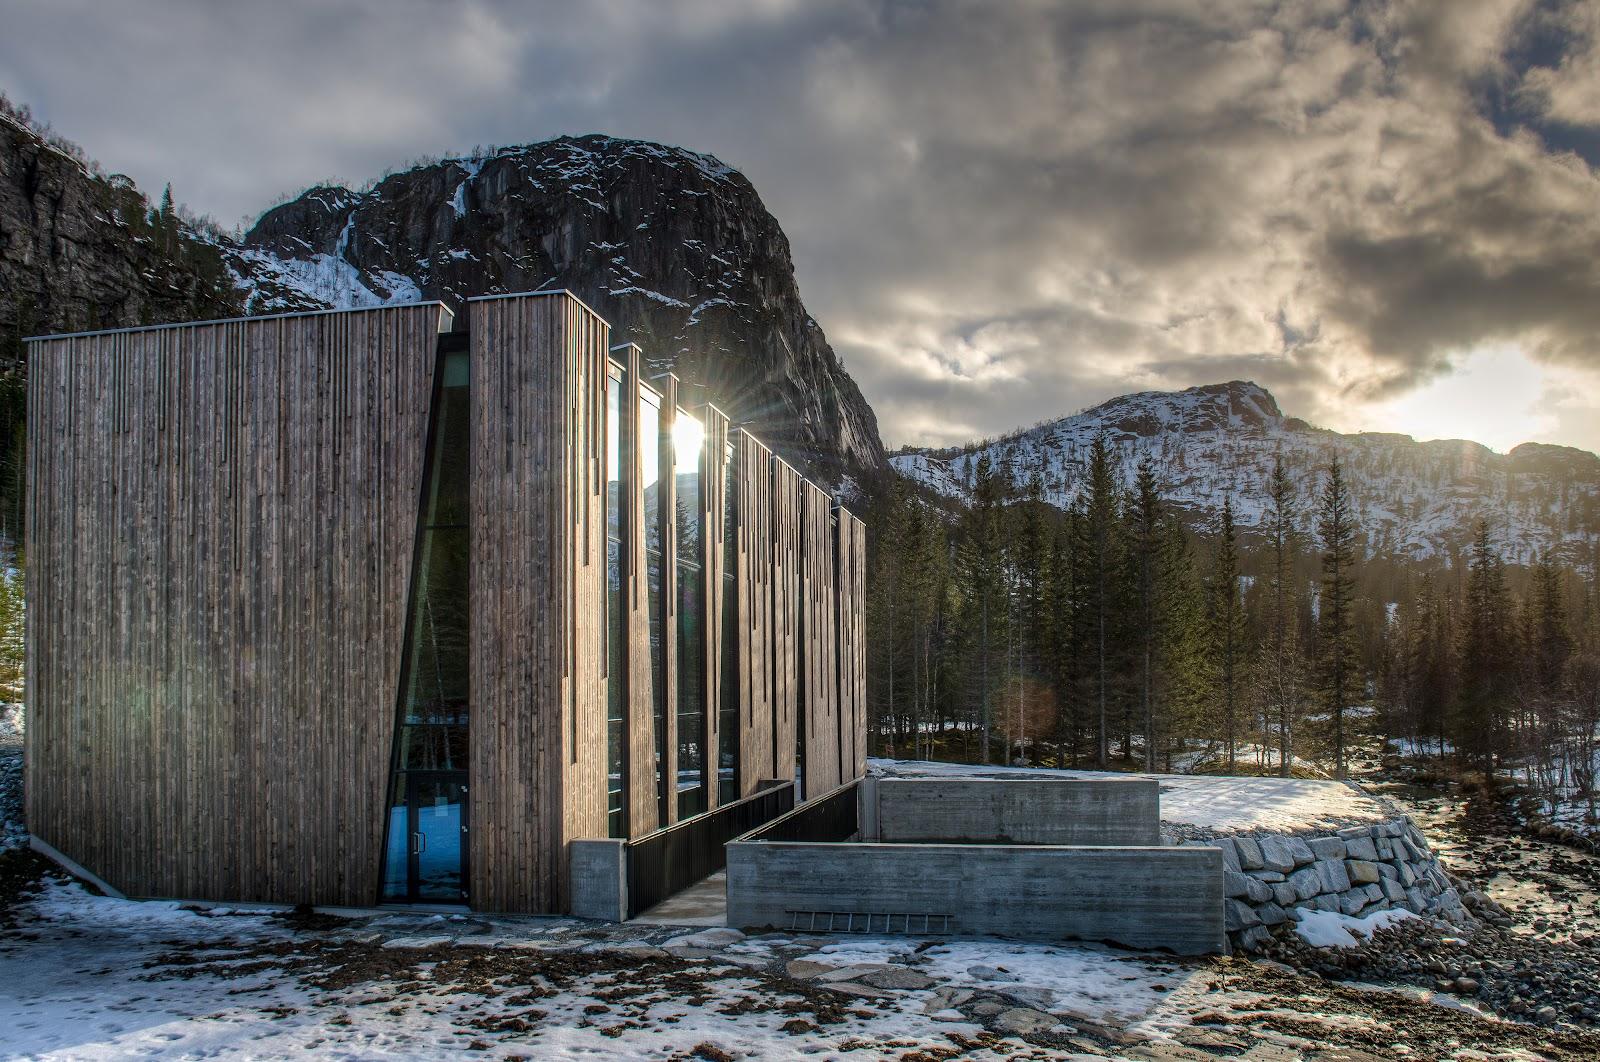 La centrale Øvre Forsland de Helgeland Kraft, en Norvège, a un revêtement extérieur en Kebony Character à la fois surprenant et novateur.